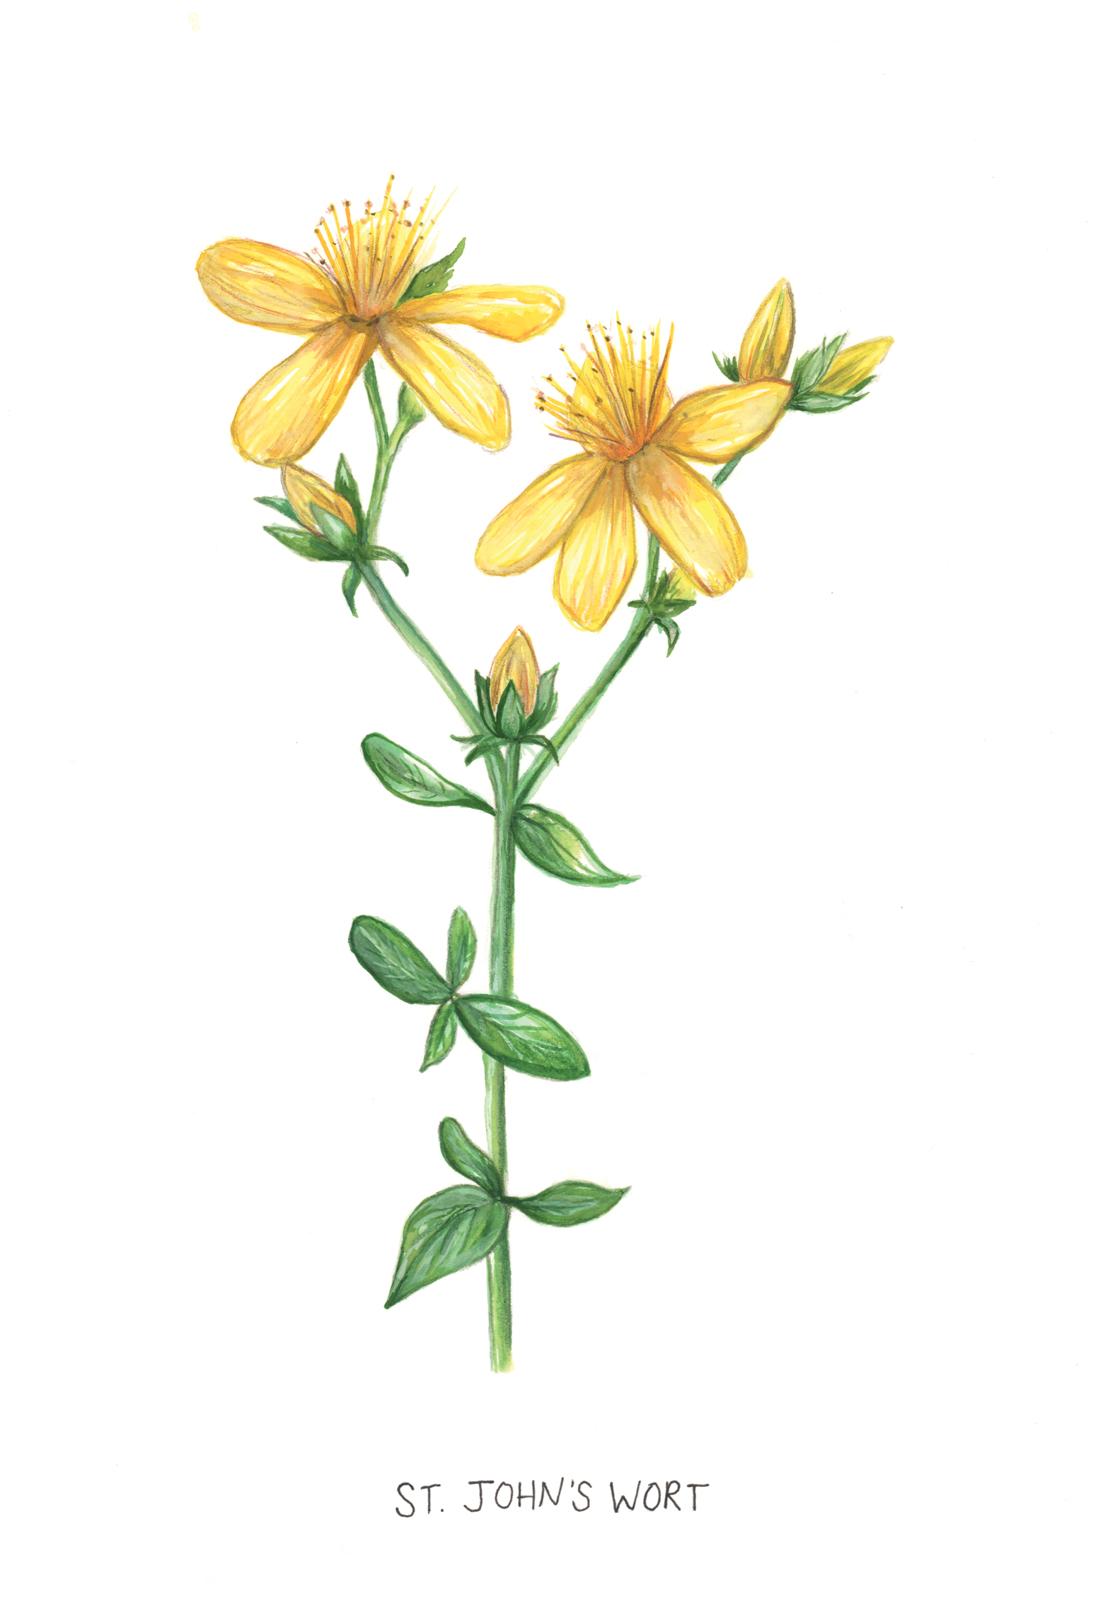 St. John's Wort Botanical Illustration